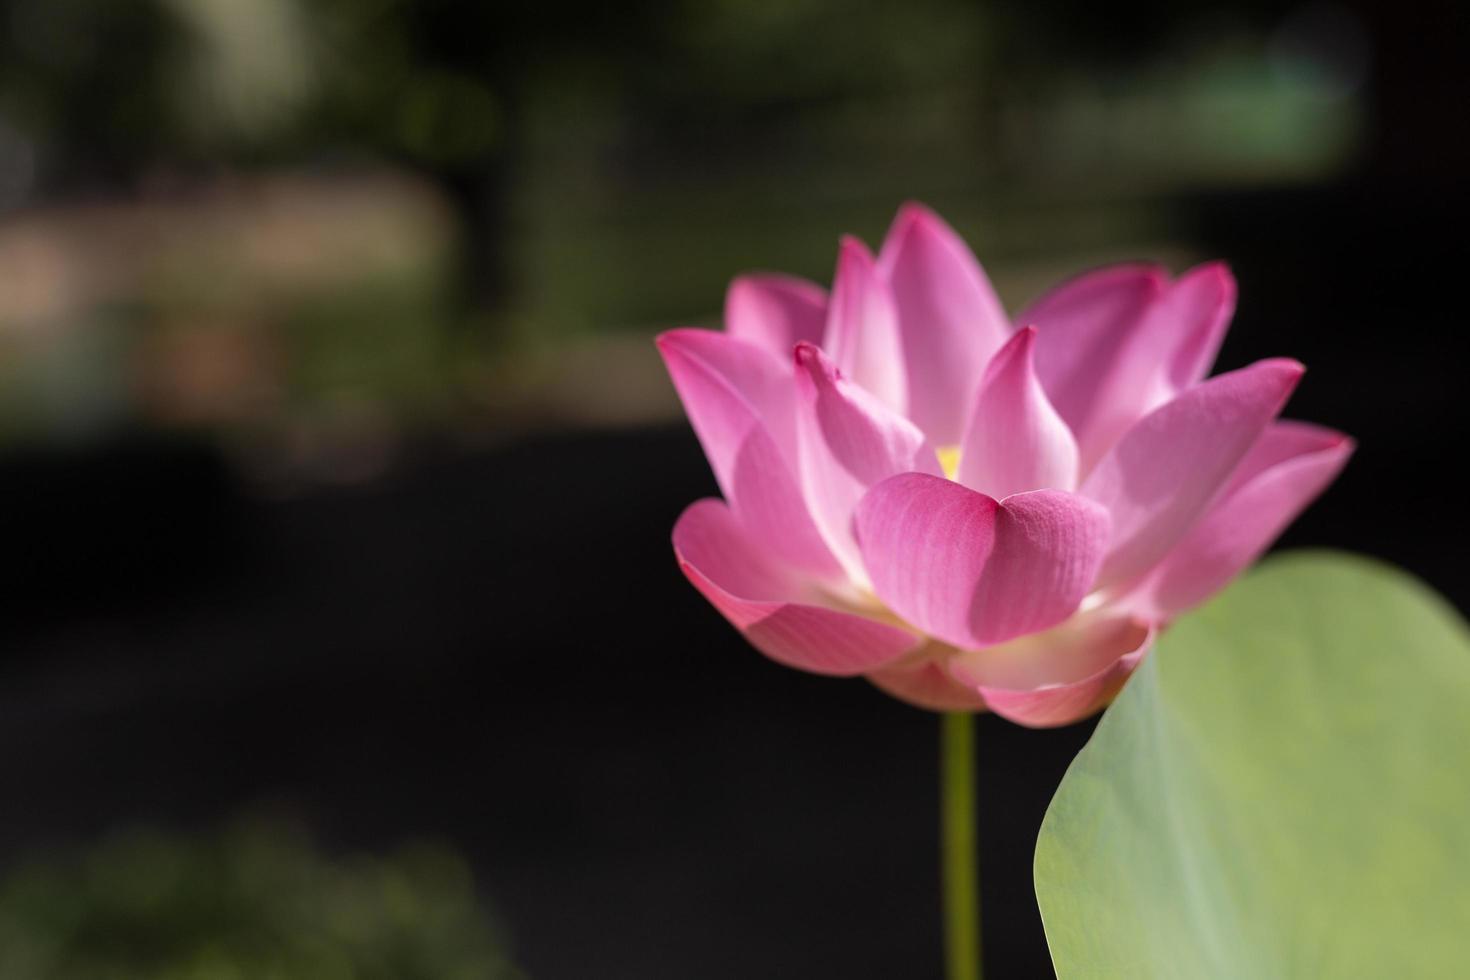 fleur rose sur fond sombre photo